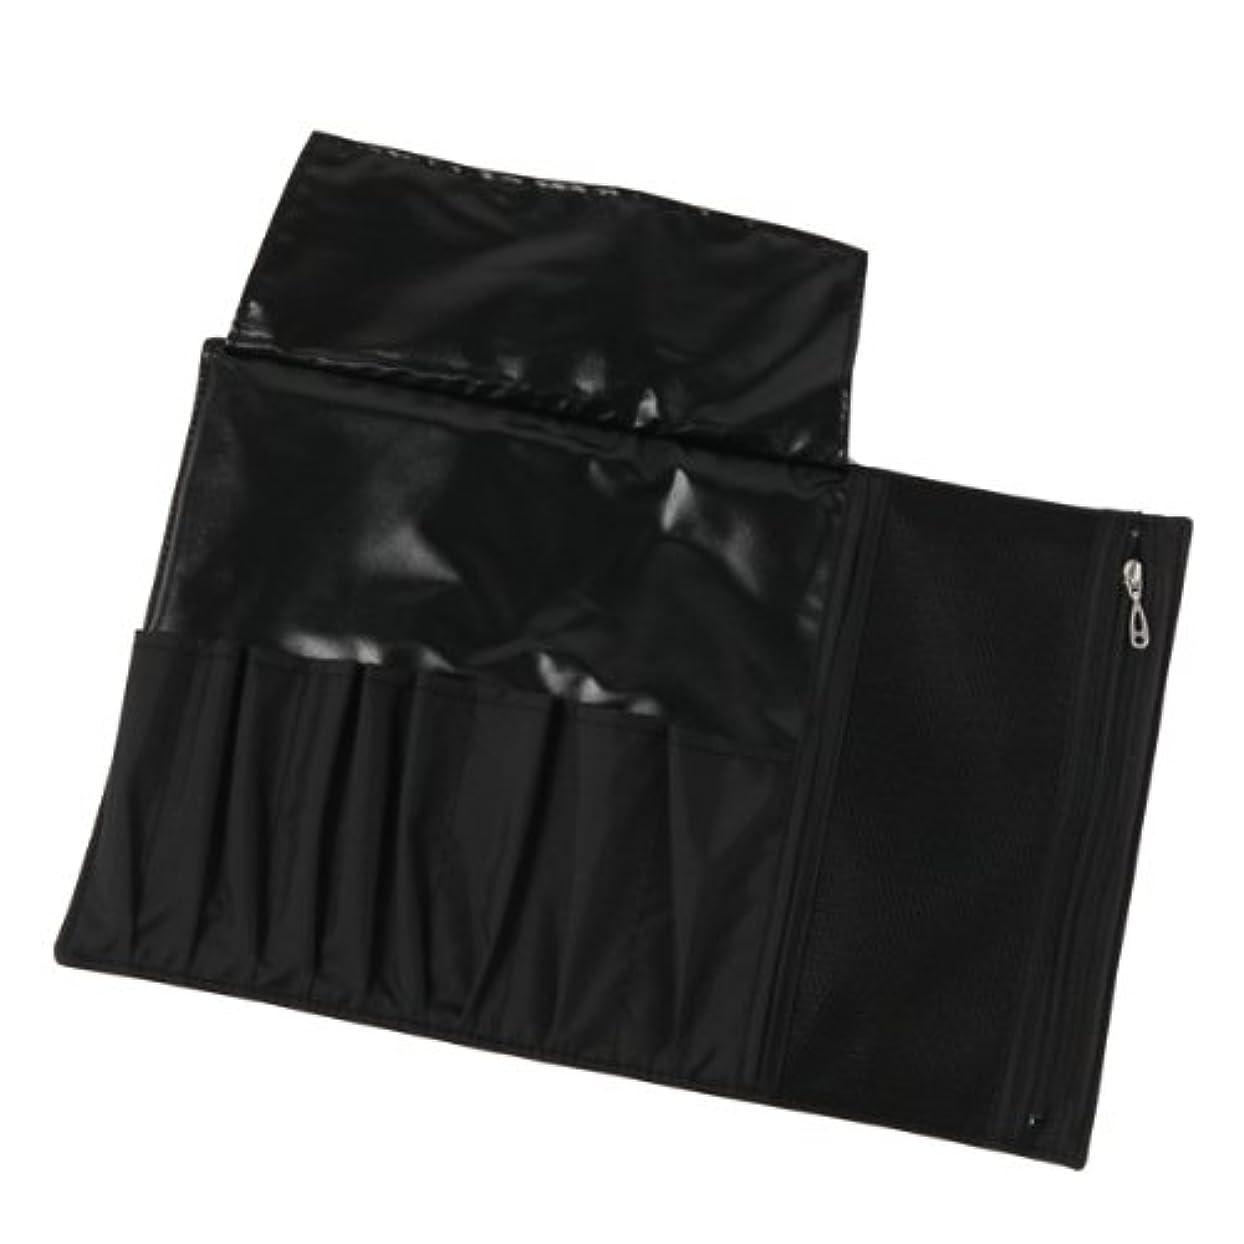 メイクブラシ用 ナイロンブラシケース(黒) 長軸用